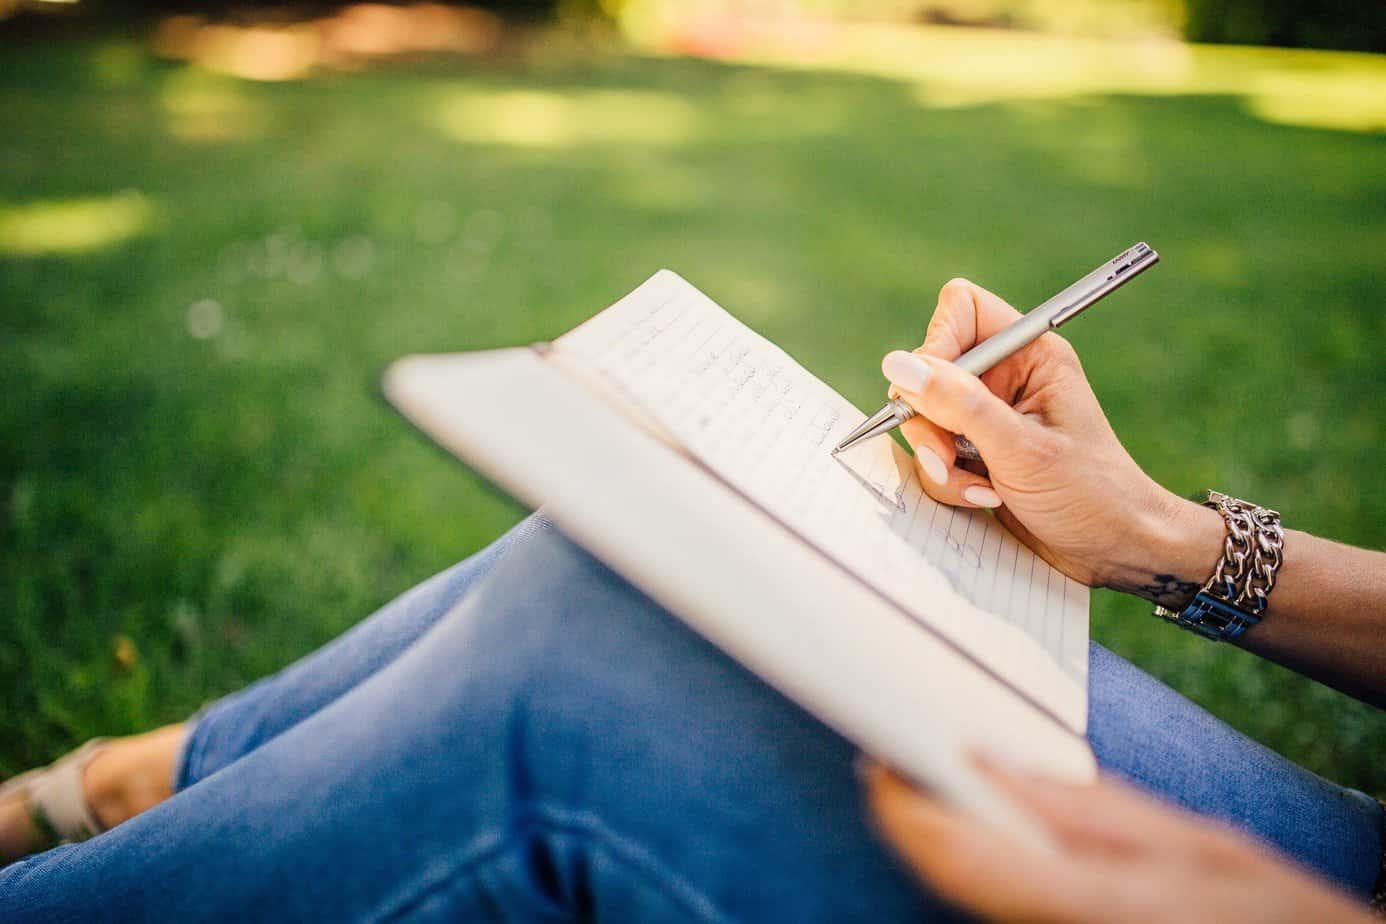 Aantrekkelijk schrijven: houd het kort